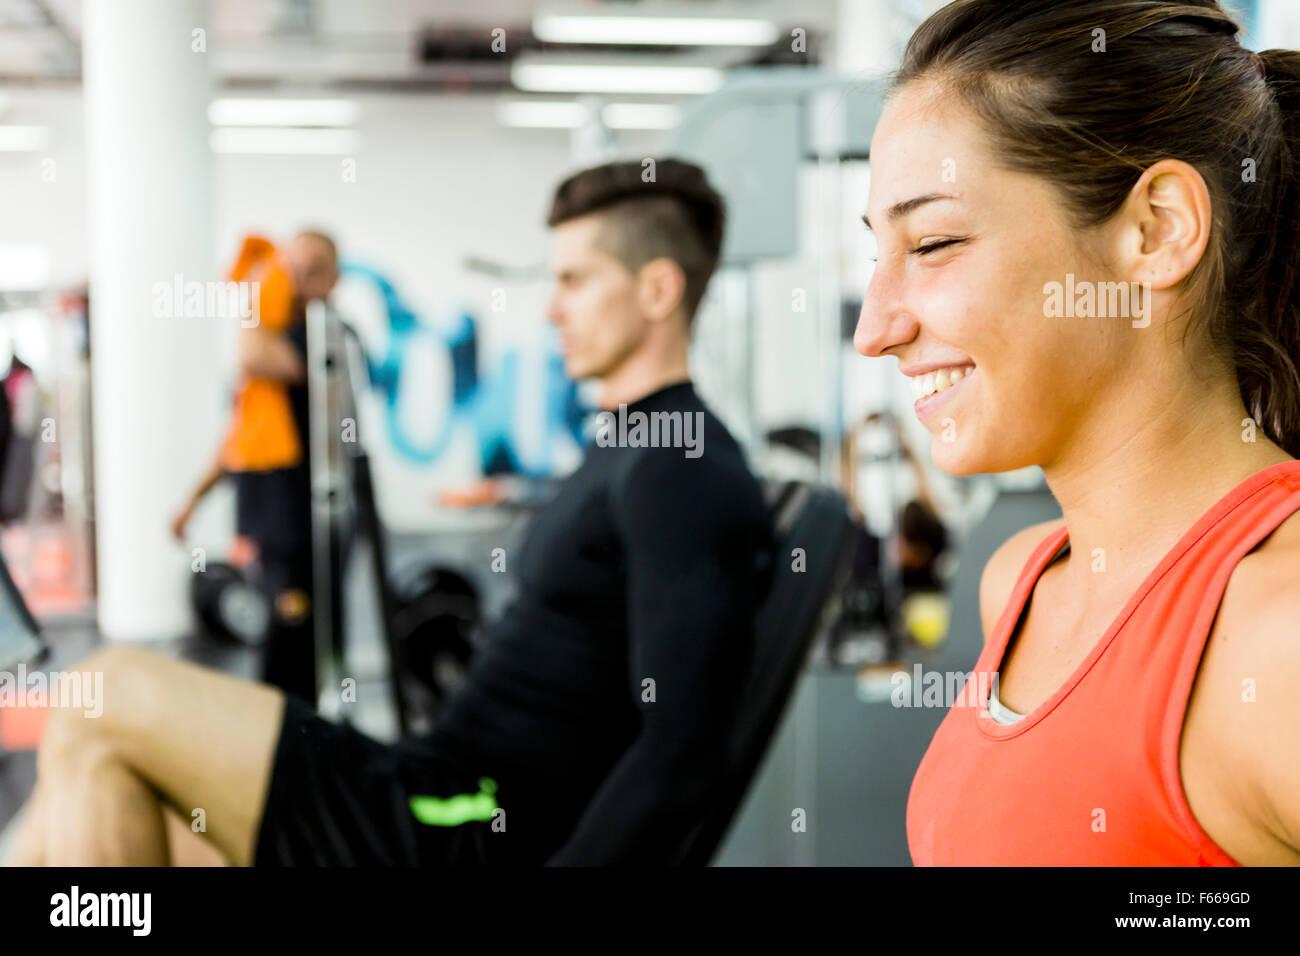 Ein gut aussehender Mann und eine schöne Frau, die gemeinsam in einem Fitness-Studio und Verklebung Stockbild